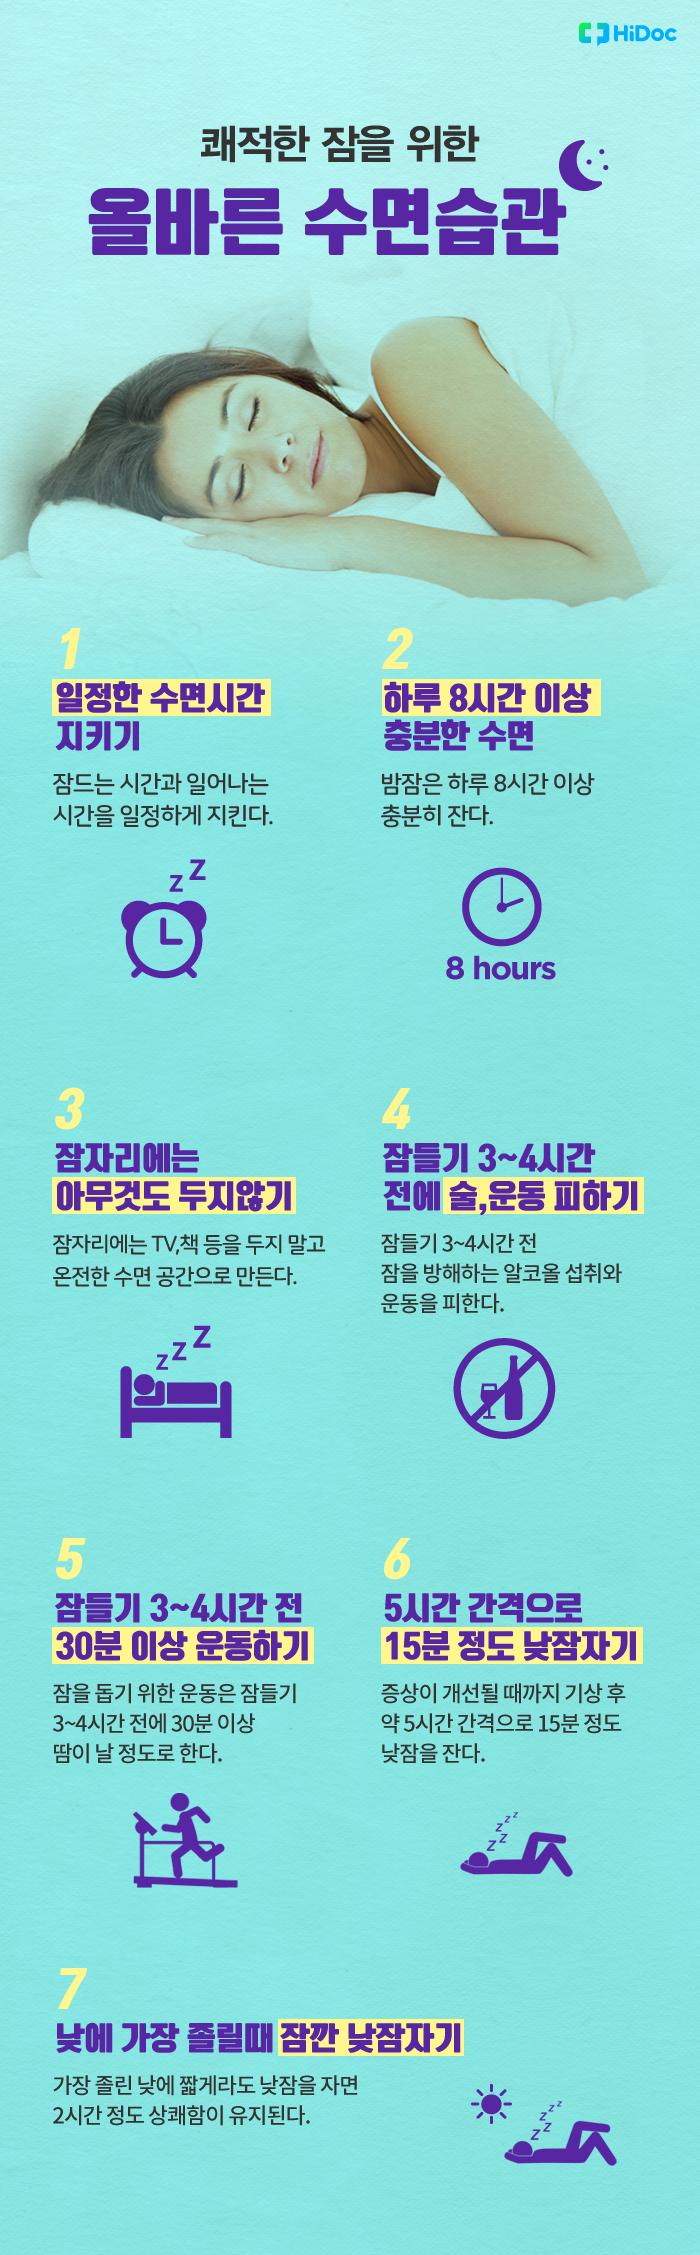 건강한 수면 습관